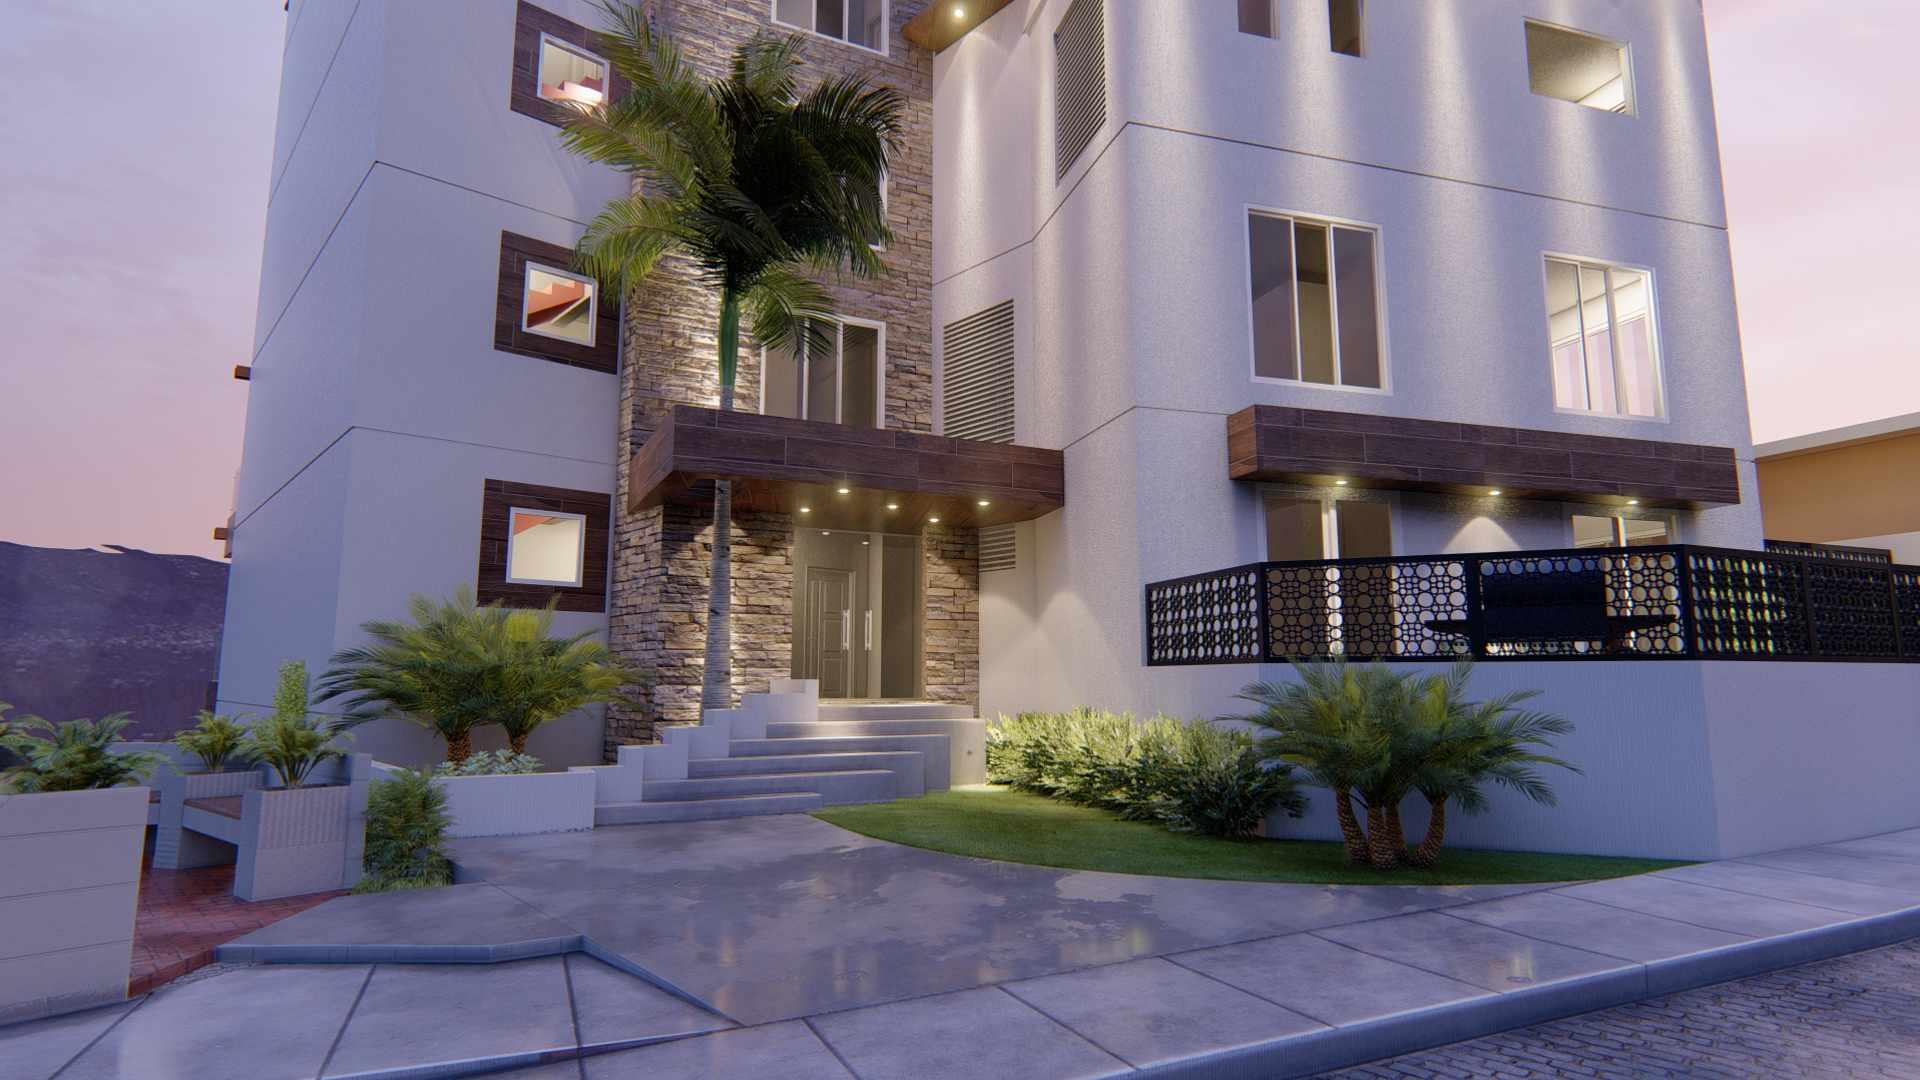 Departamento en Venta TORRE GIRALDA - Av. Alexander Calle 16, Urb El Faro  Foto 2